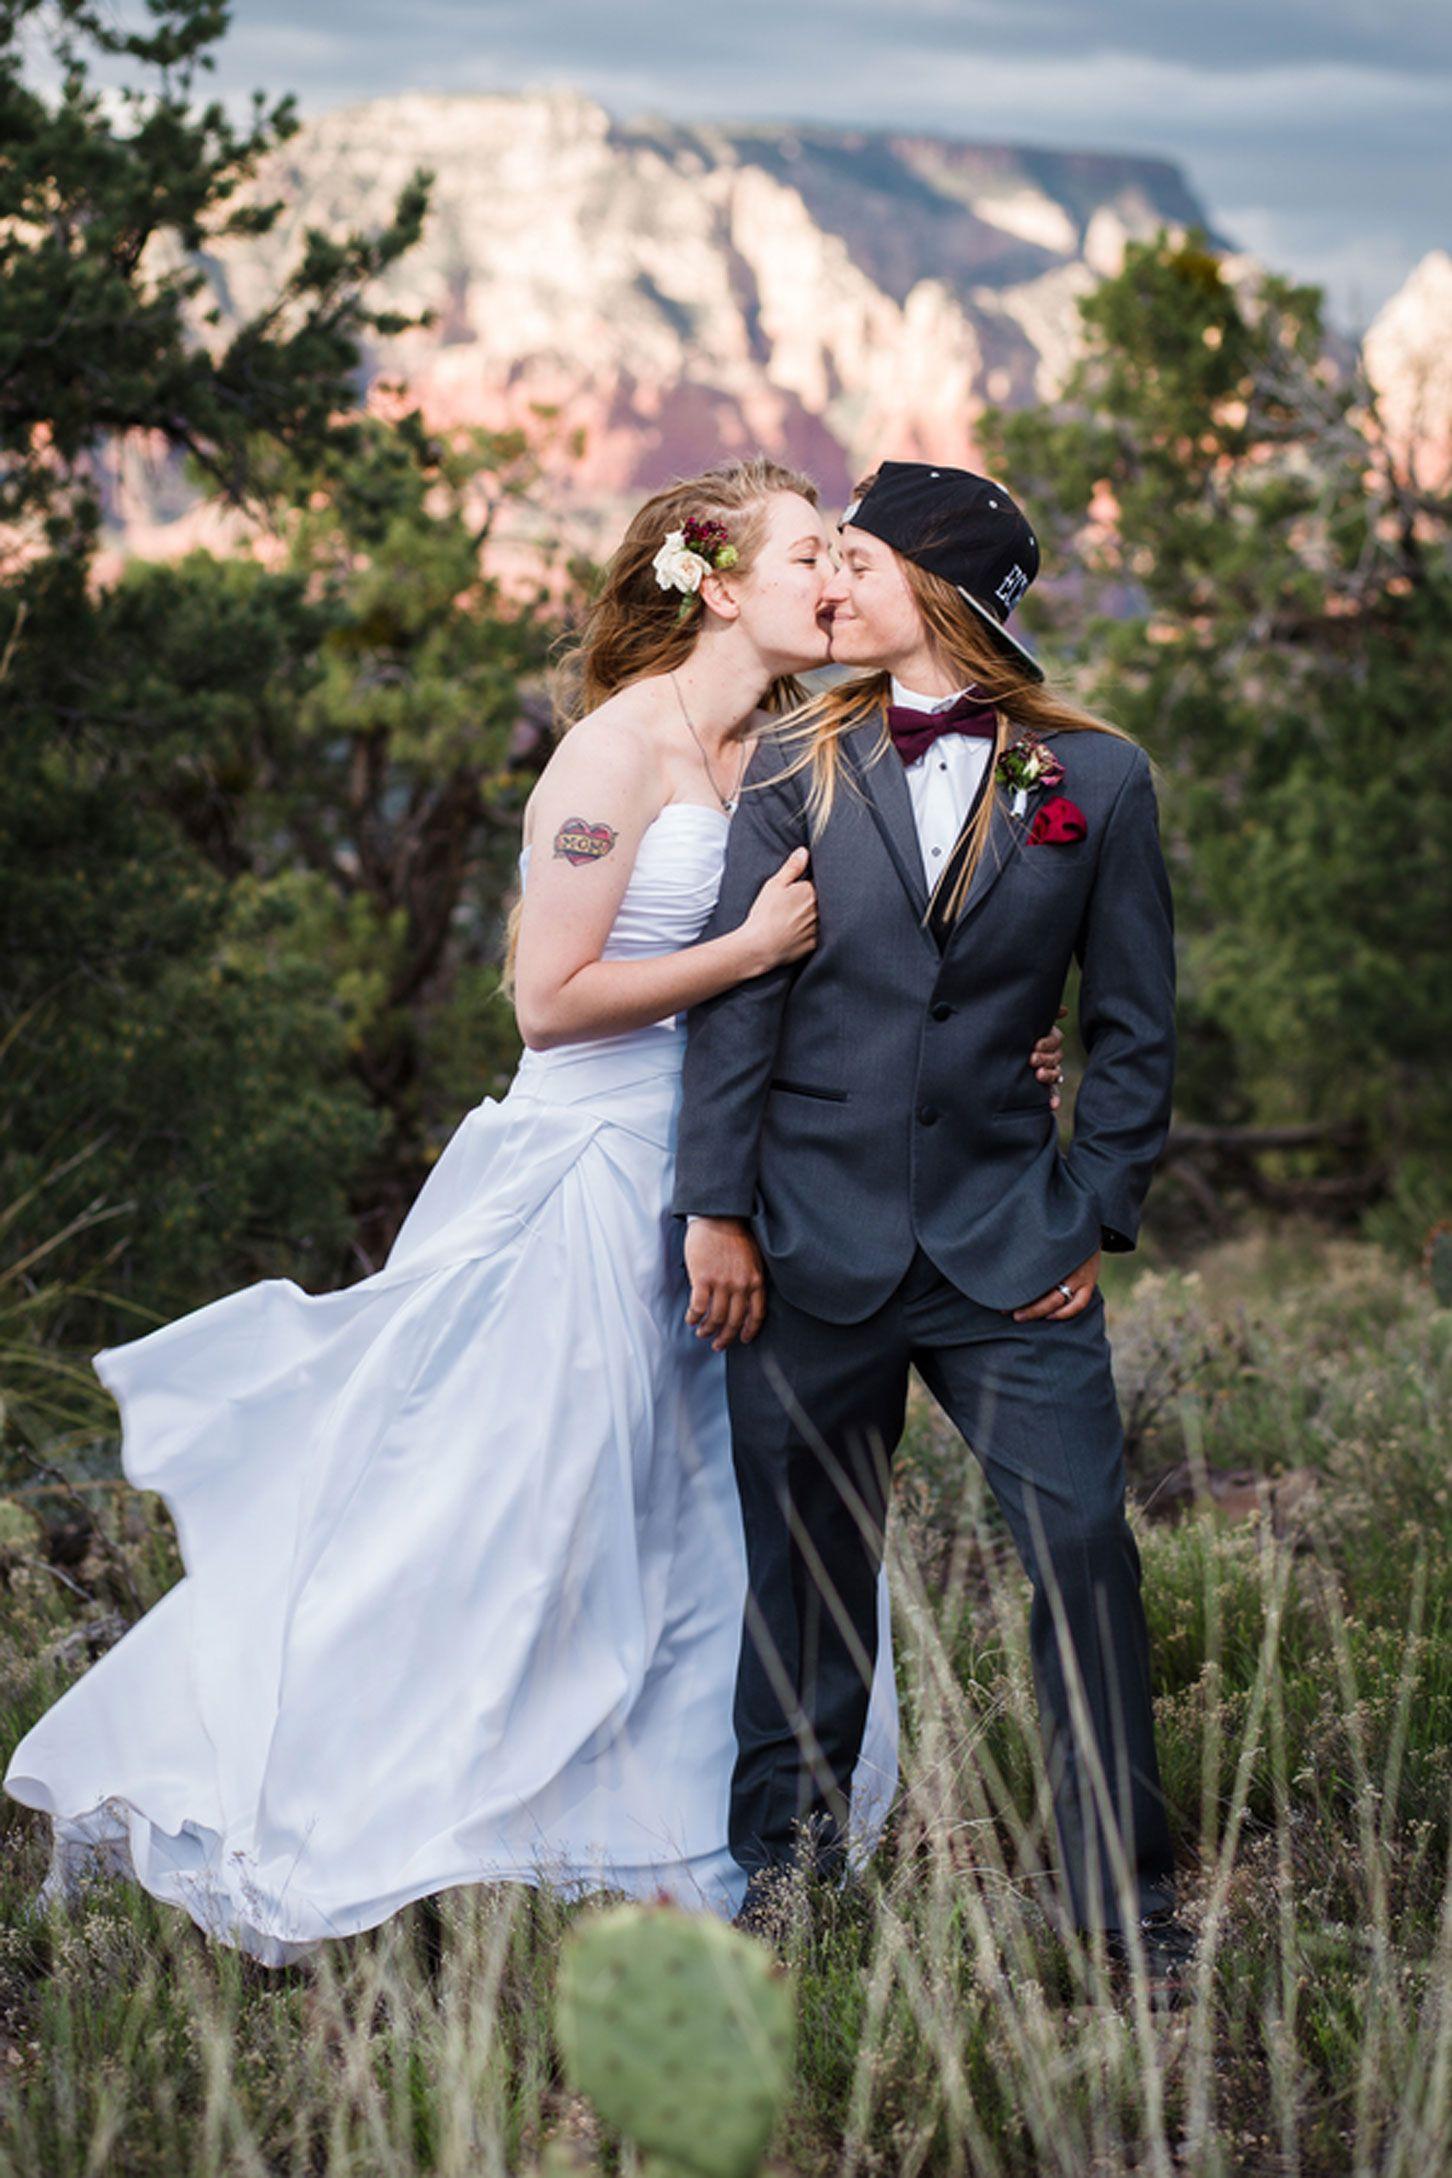 Bridal Photo | Lesbische Hochzeit, Homosexuelle Hochzeit